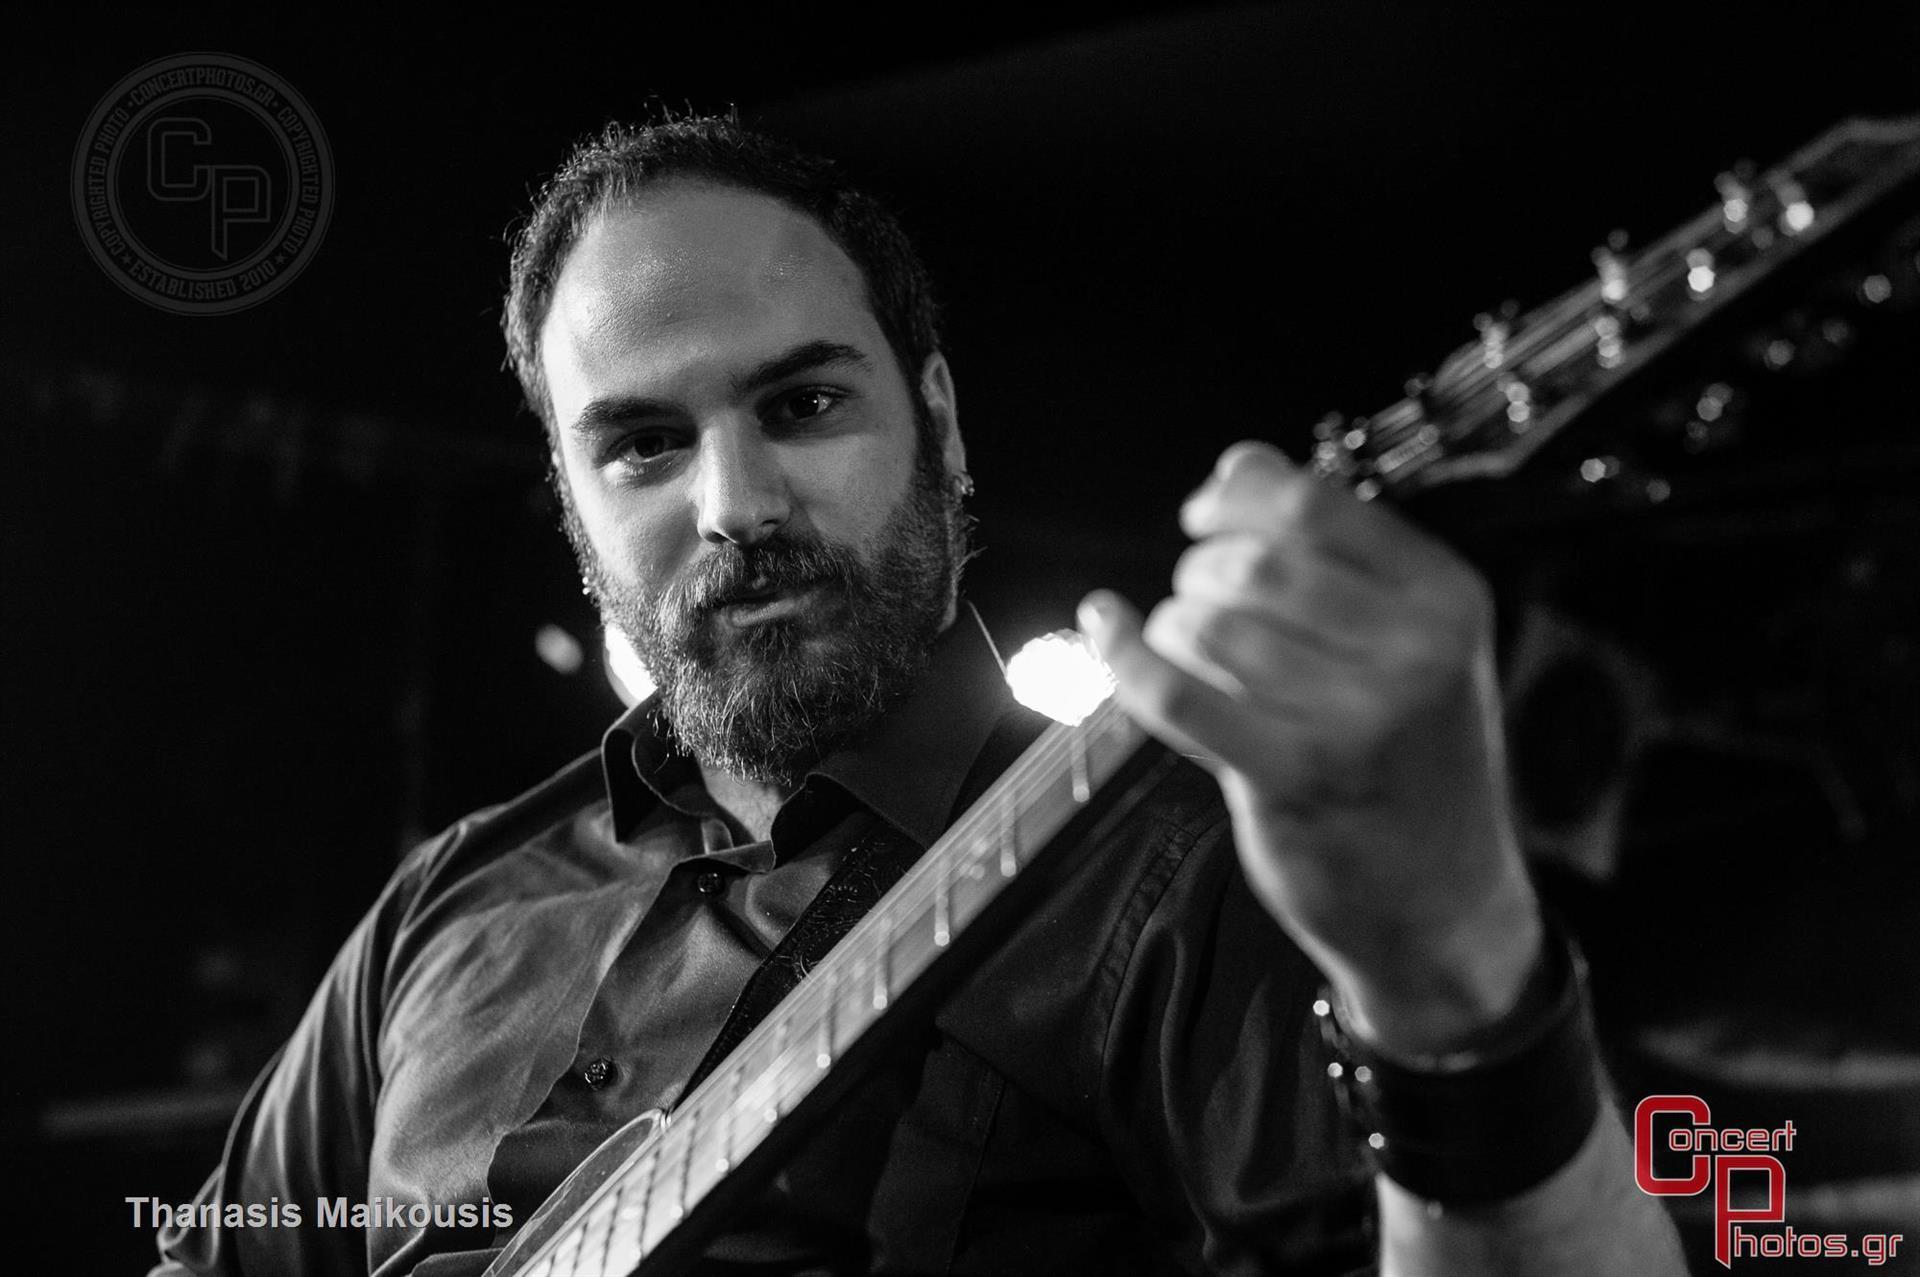 Battle Of The Bands Leg 5-Battle Of The Bands Leg 4 photographer: Thanasis Maikousis - ConcertPhotos - 20150315_2143_21